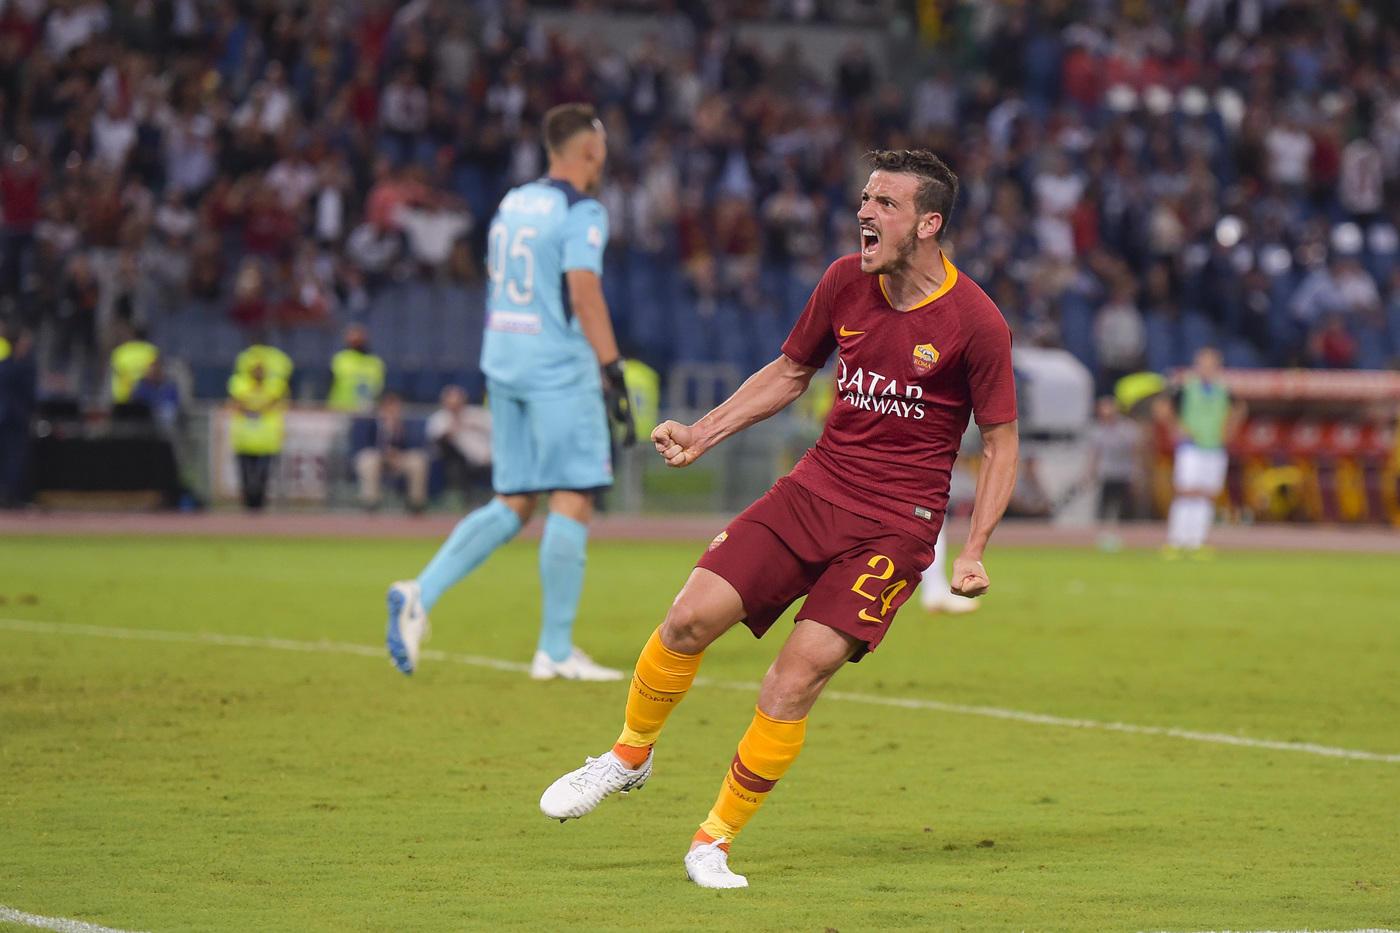 All'Olimpico la Roma acciuffa il pareggio contro l'Atalanta 3-3